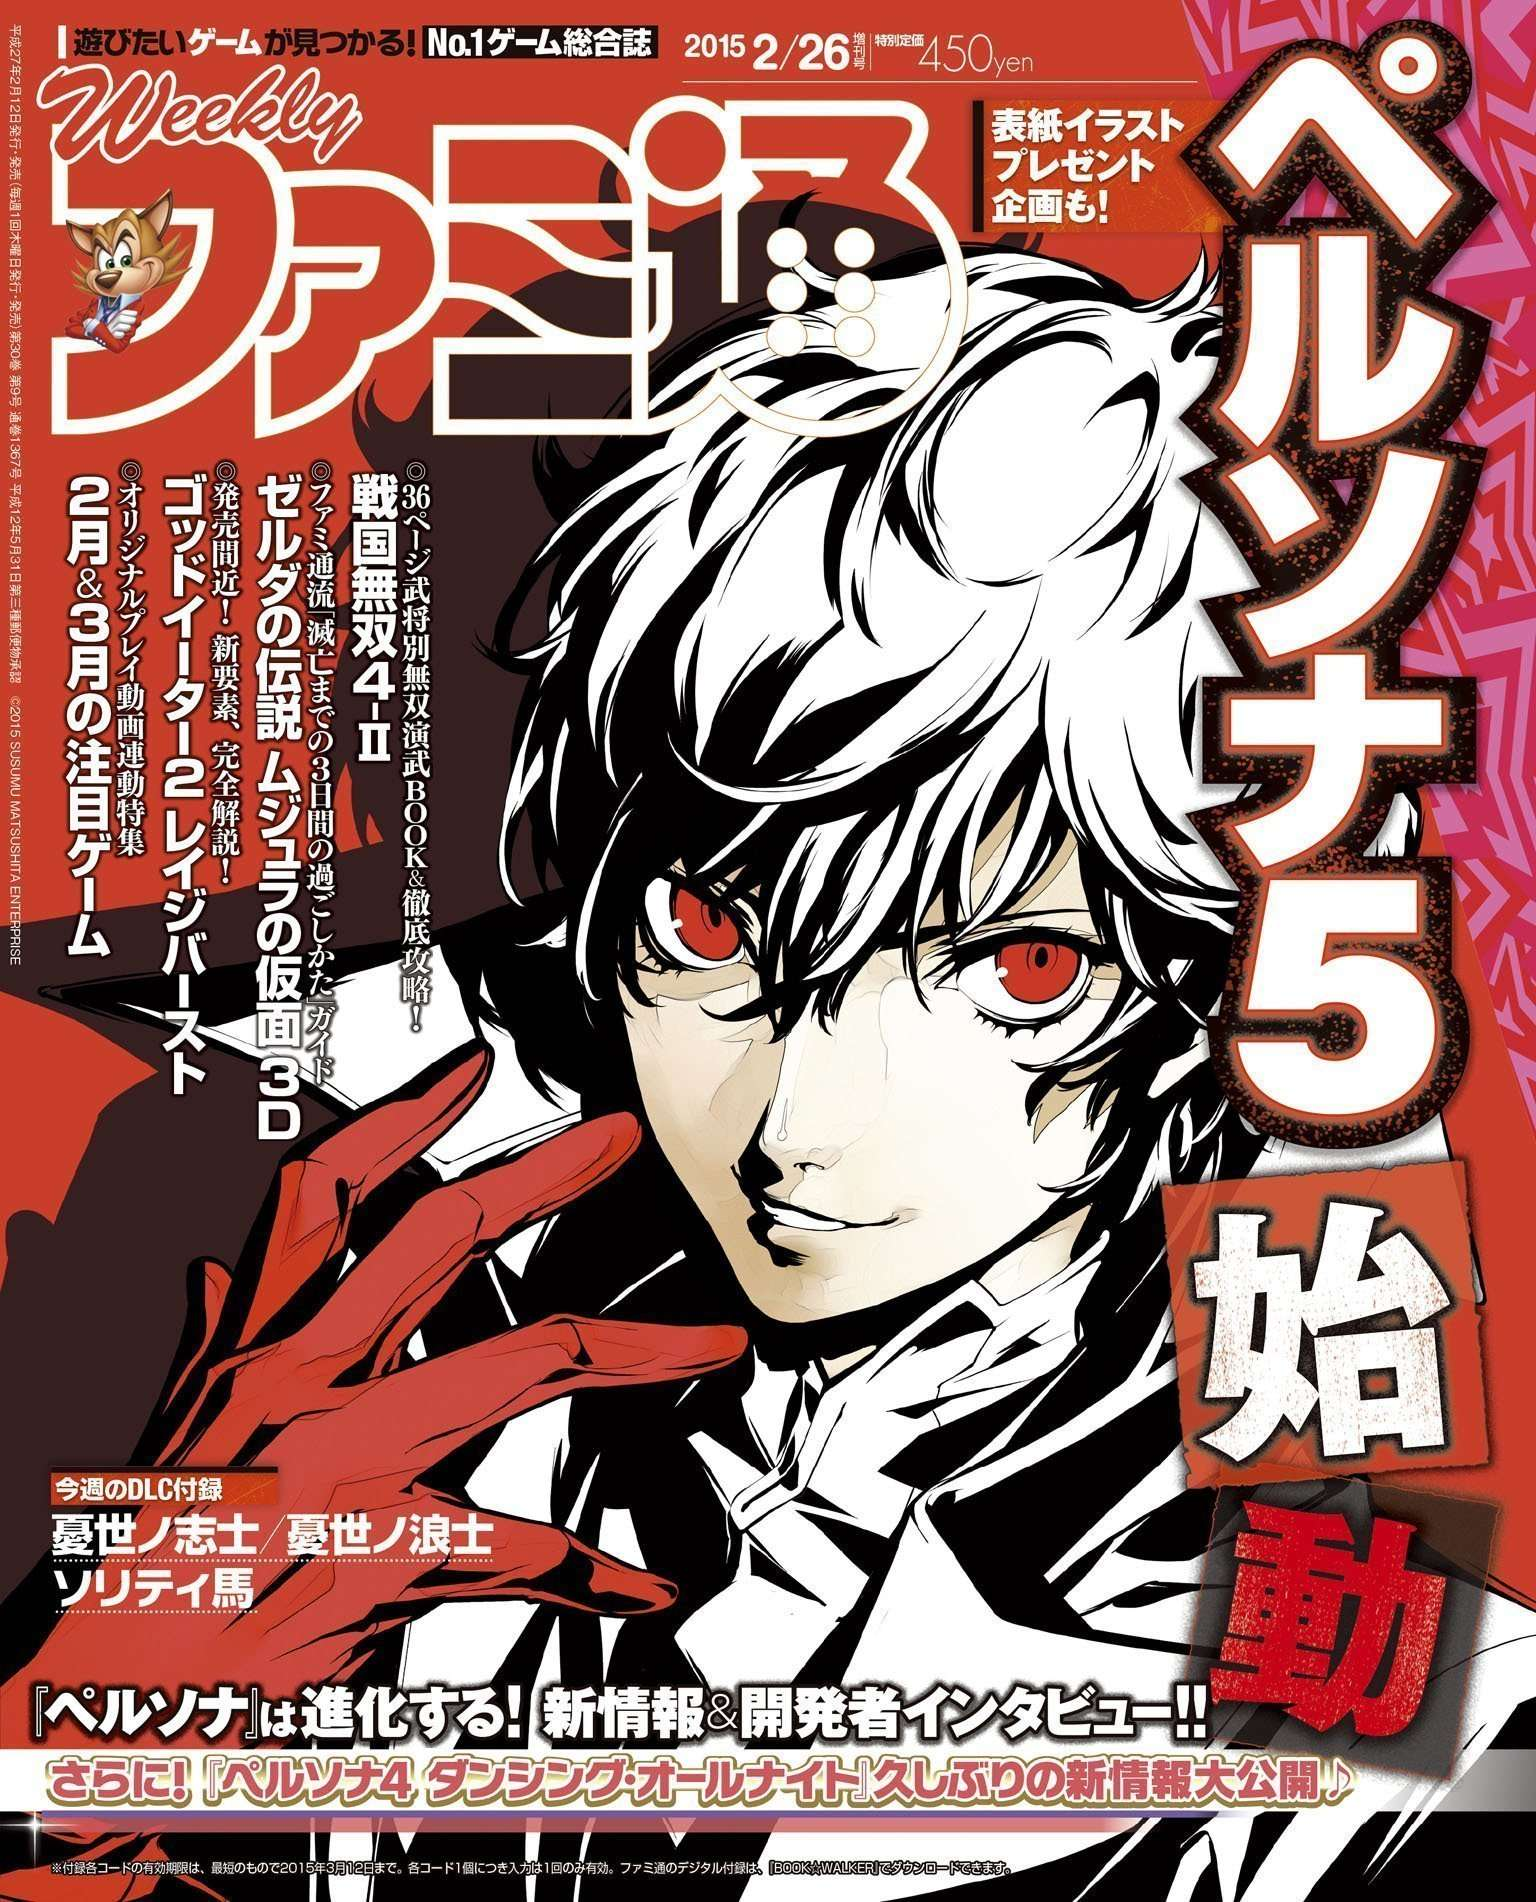 Famitsu Persona 5 Cover